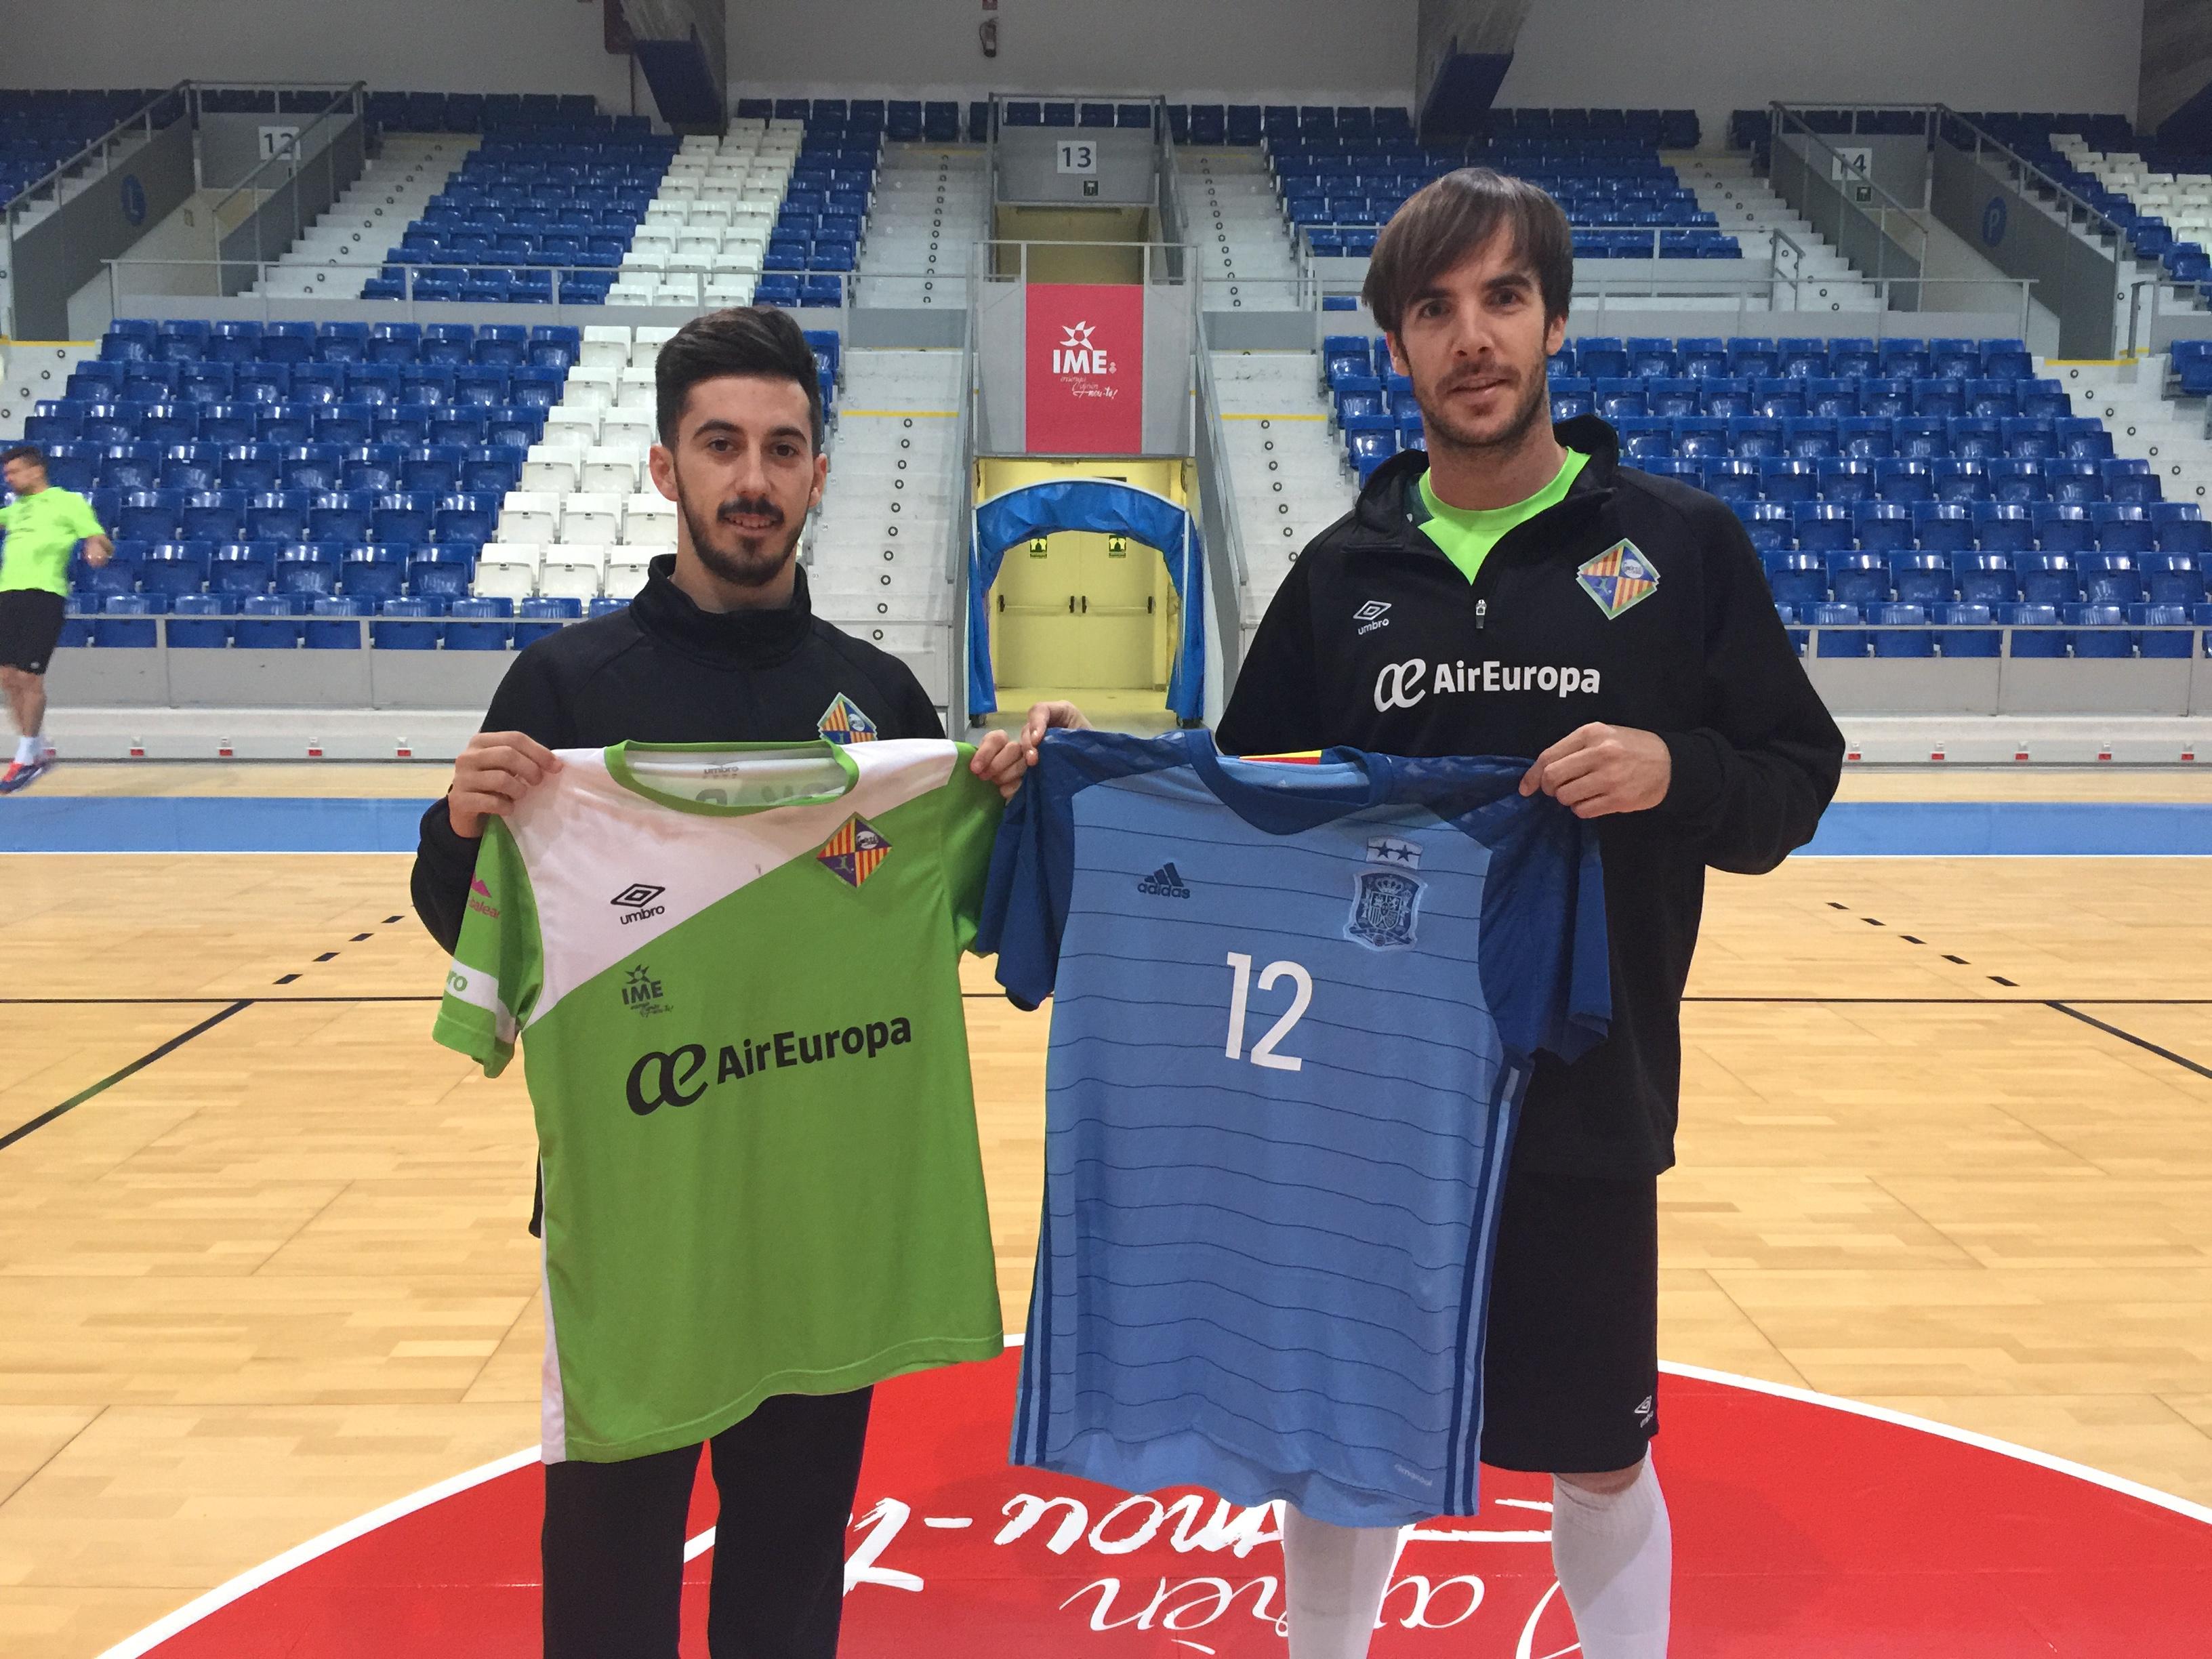 Joselito y Barrón posan con las camisetas de España y del Palma Futsal